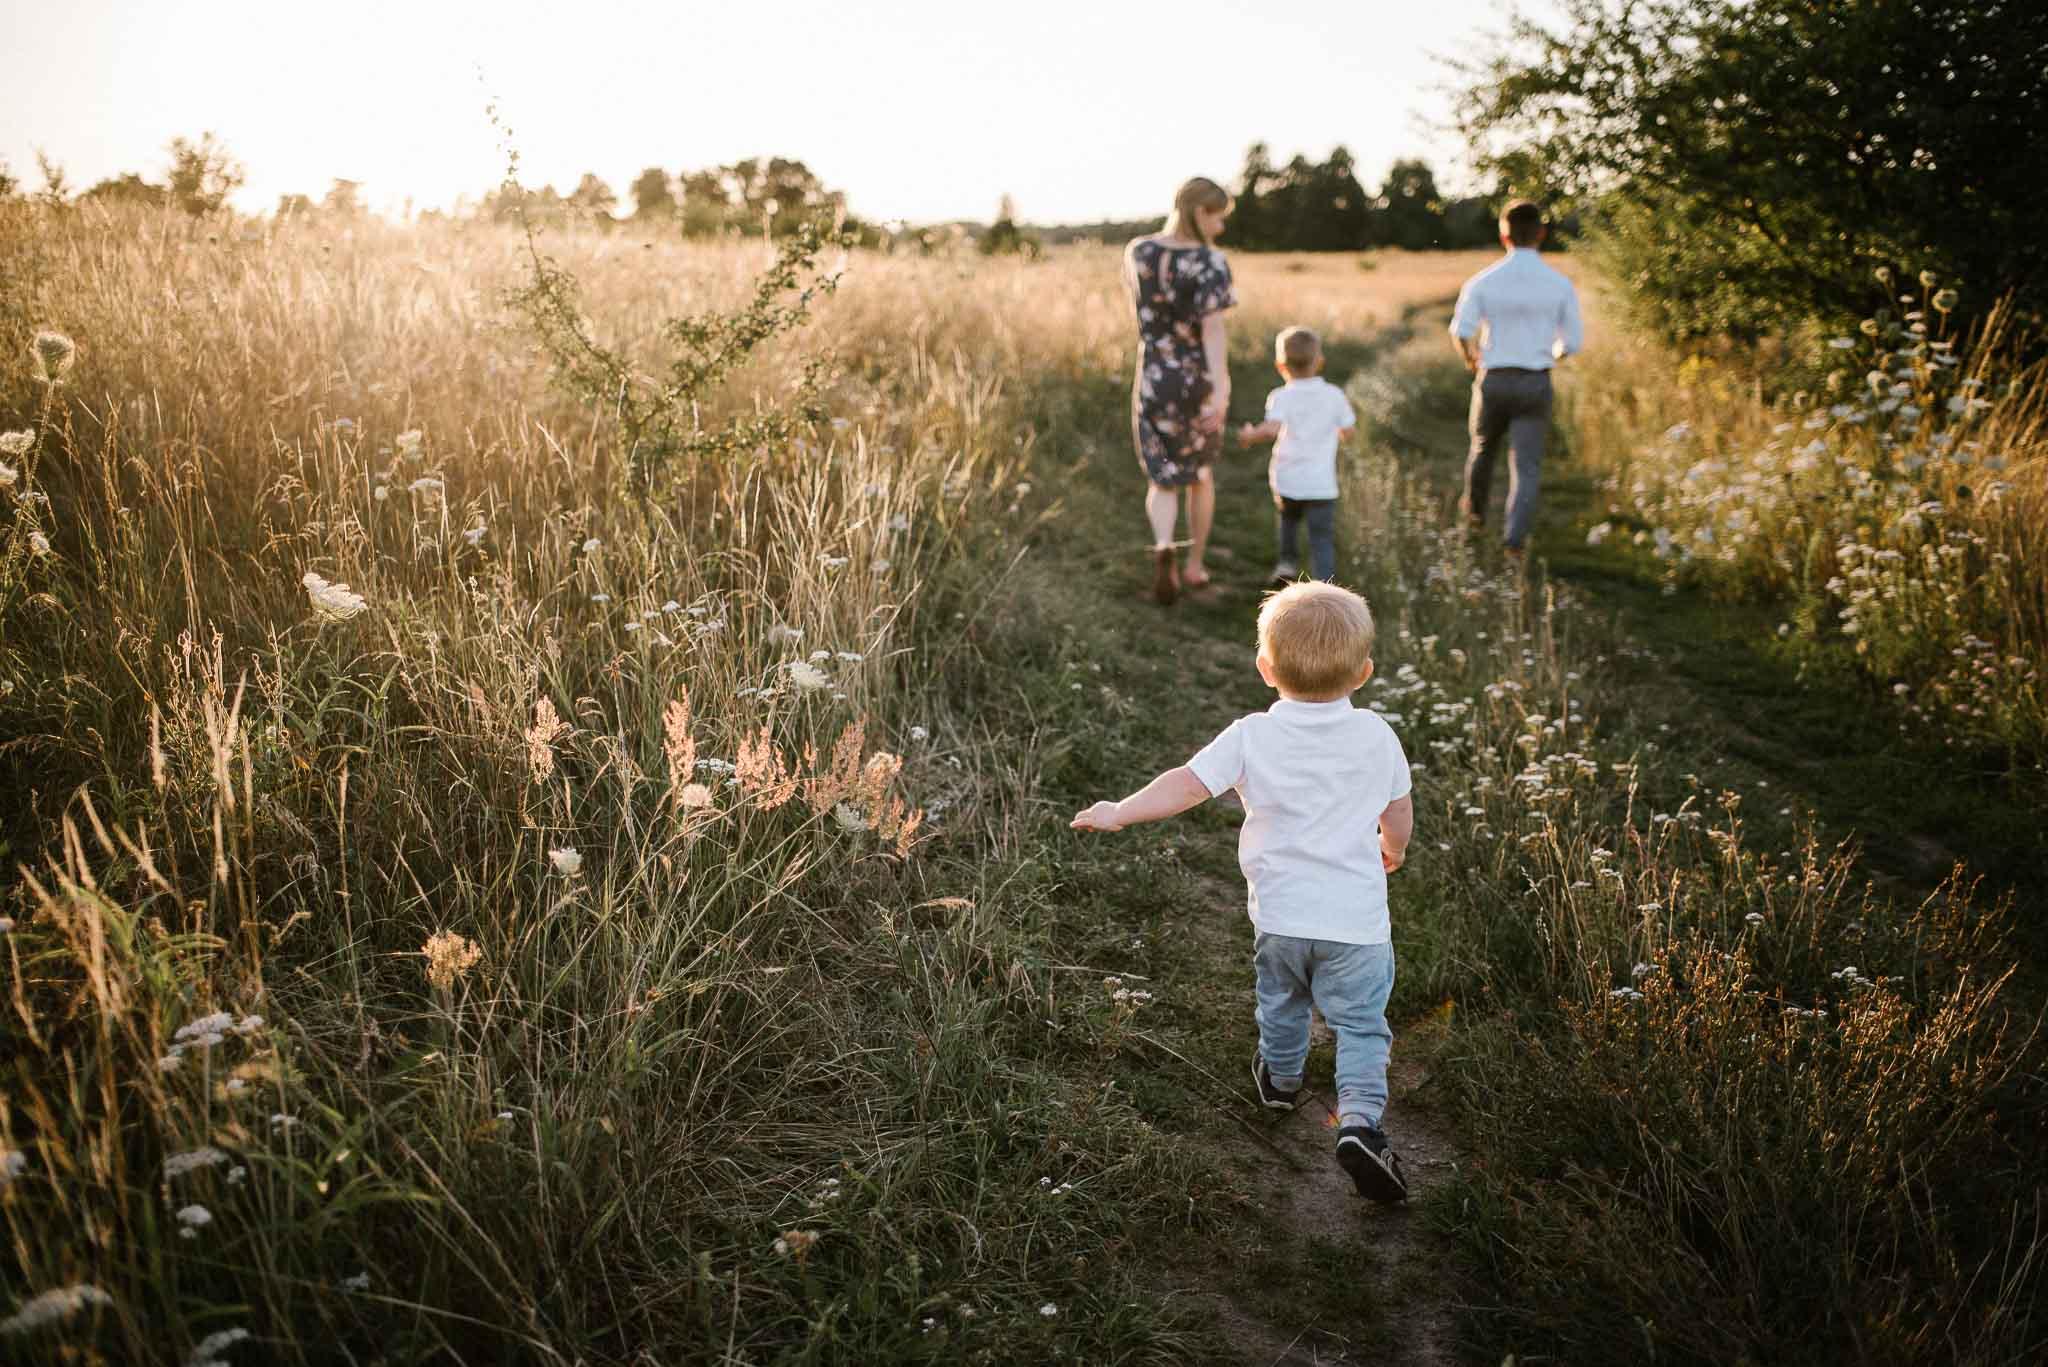 Rodzina idzie przez łąkę - sesja rodzinna w plenerze na łące w Poznaniu